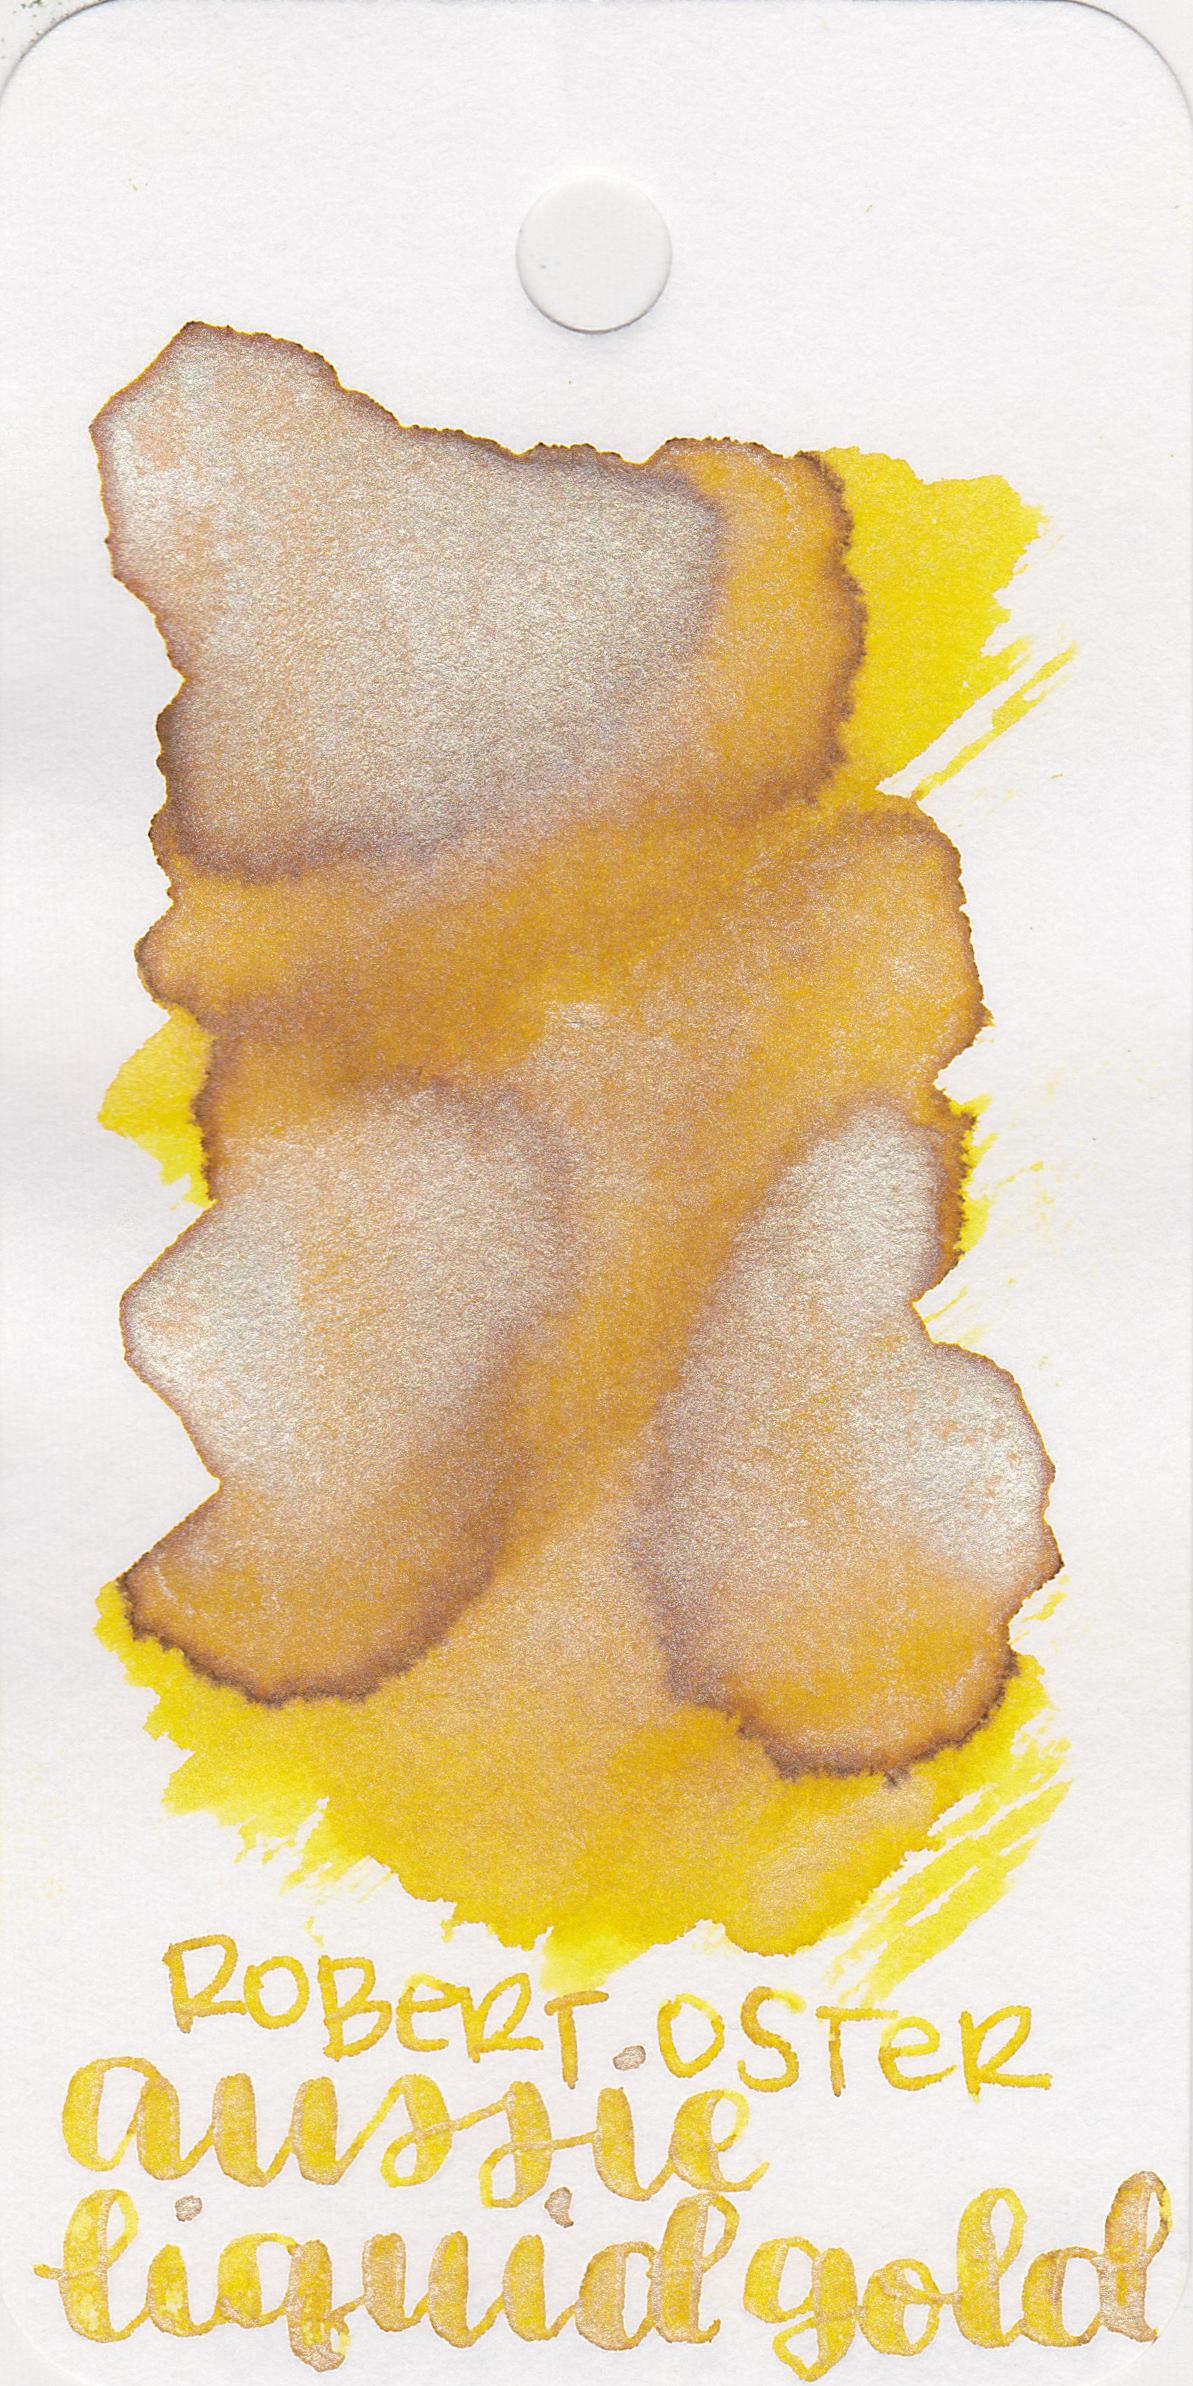 ro-aussie-liquid-gold-1.jpg